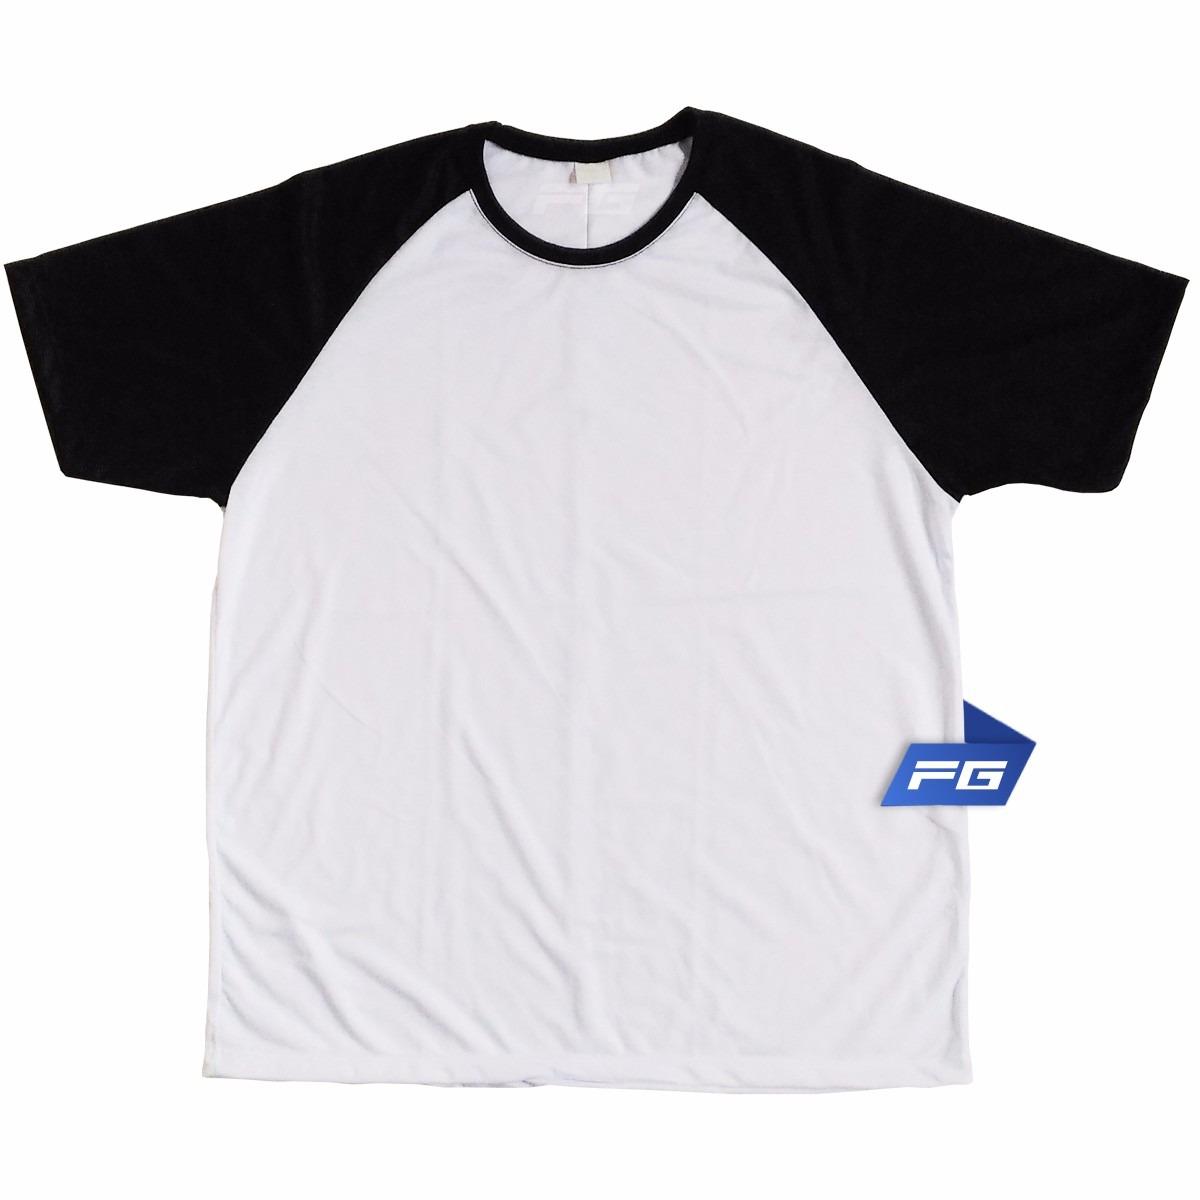 e44d37252 Camiseta Raglan Silk Srcreen 100% Poliéster Para Sublimação - R  12 ...